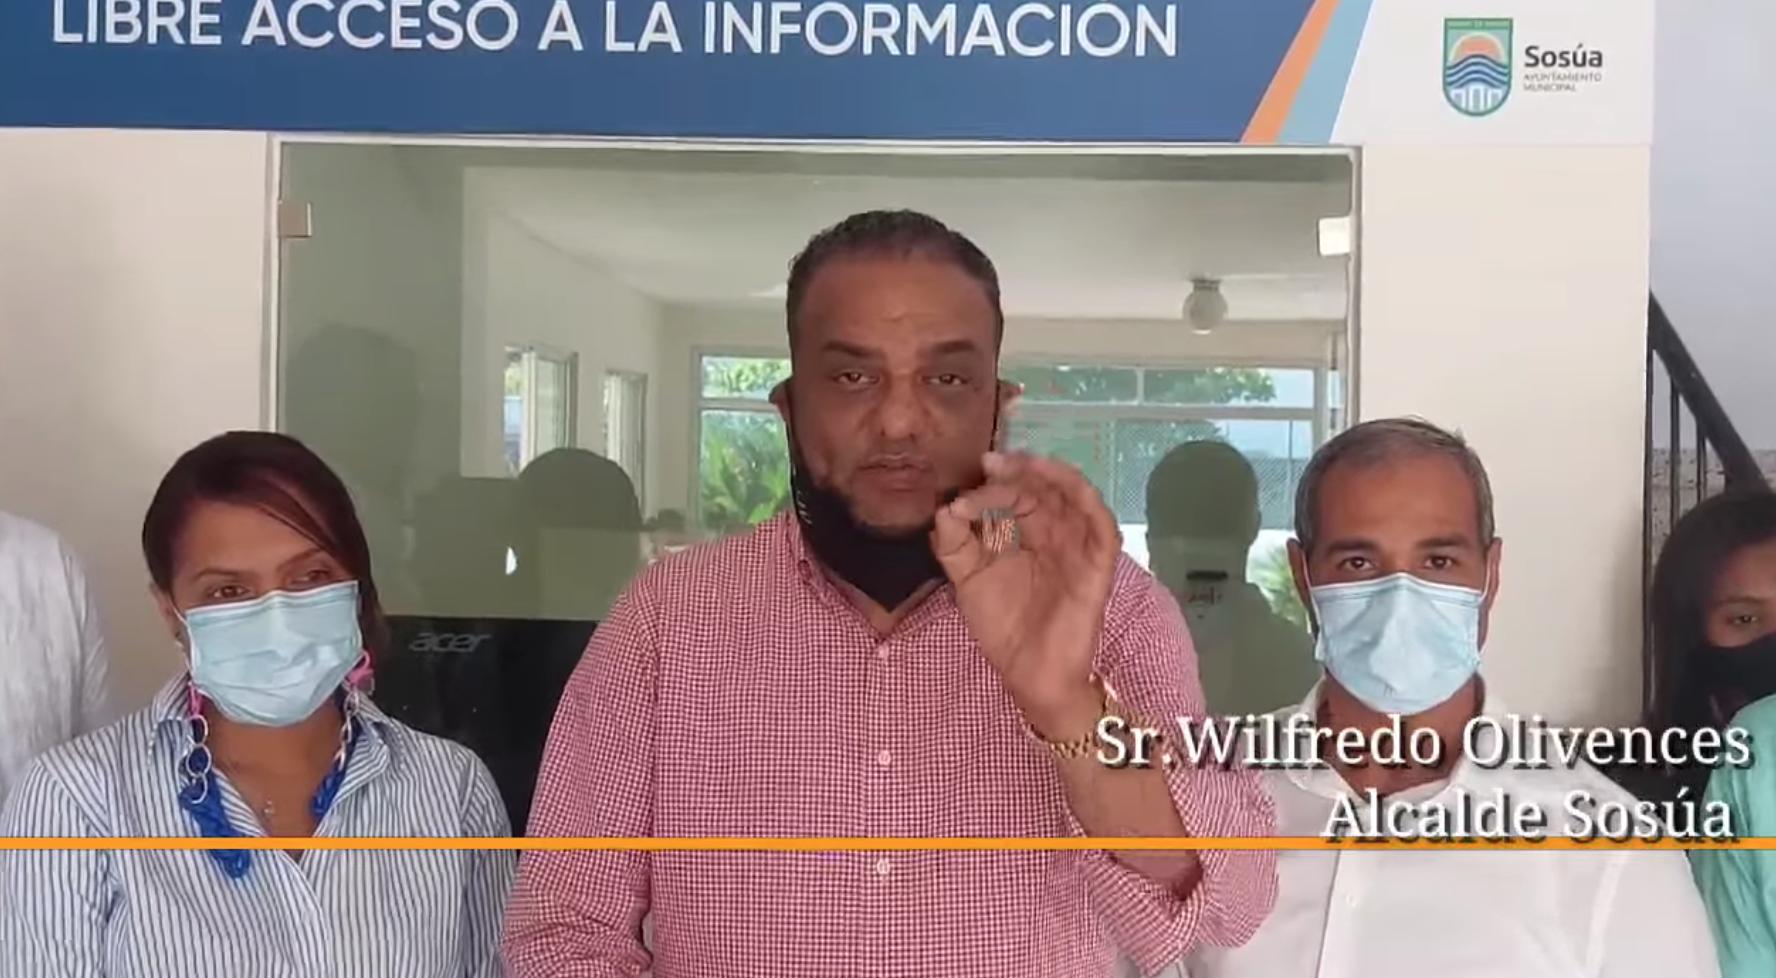 Wilfredo Olivences inaugura la Oficina de Libre Acceso a la Información